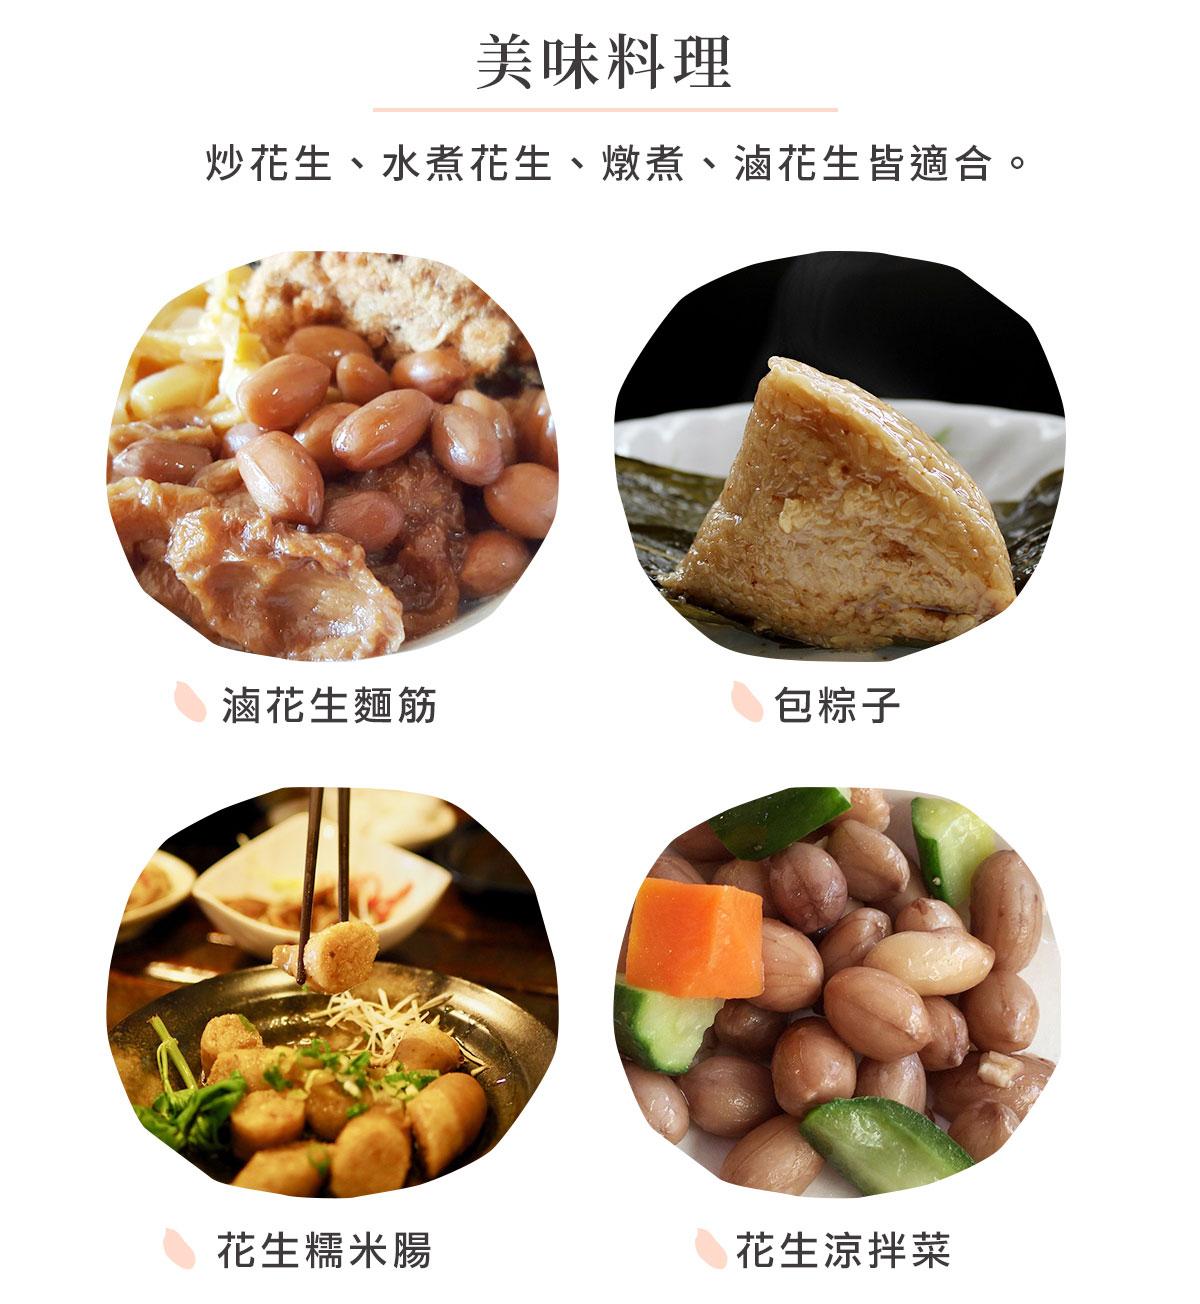 炒花生、水煮花生、燉煮、滷花生全程低溫運送,定期檢驗更安心。